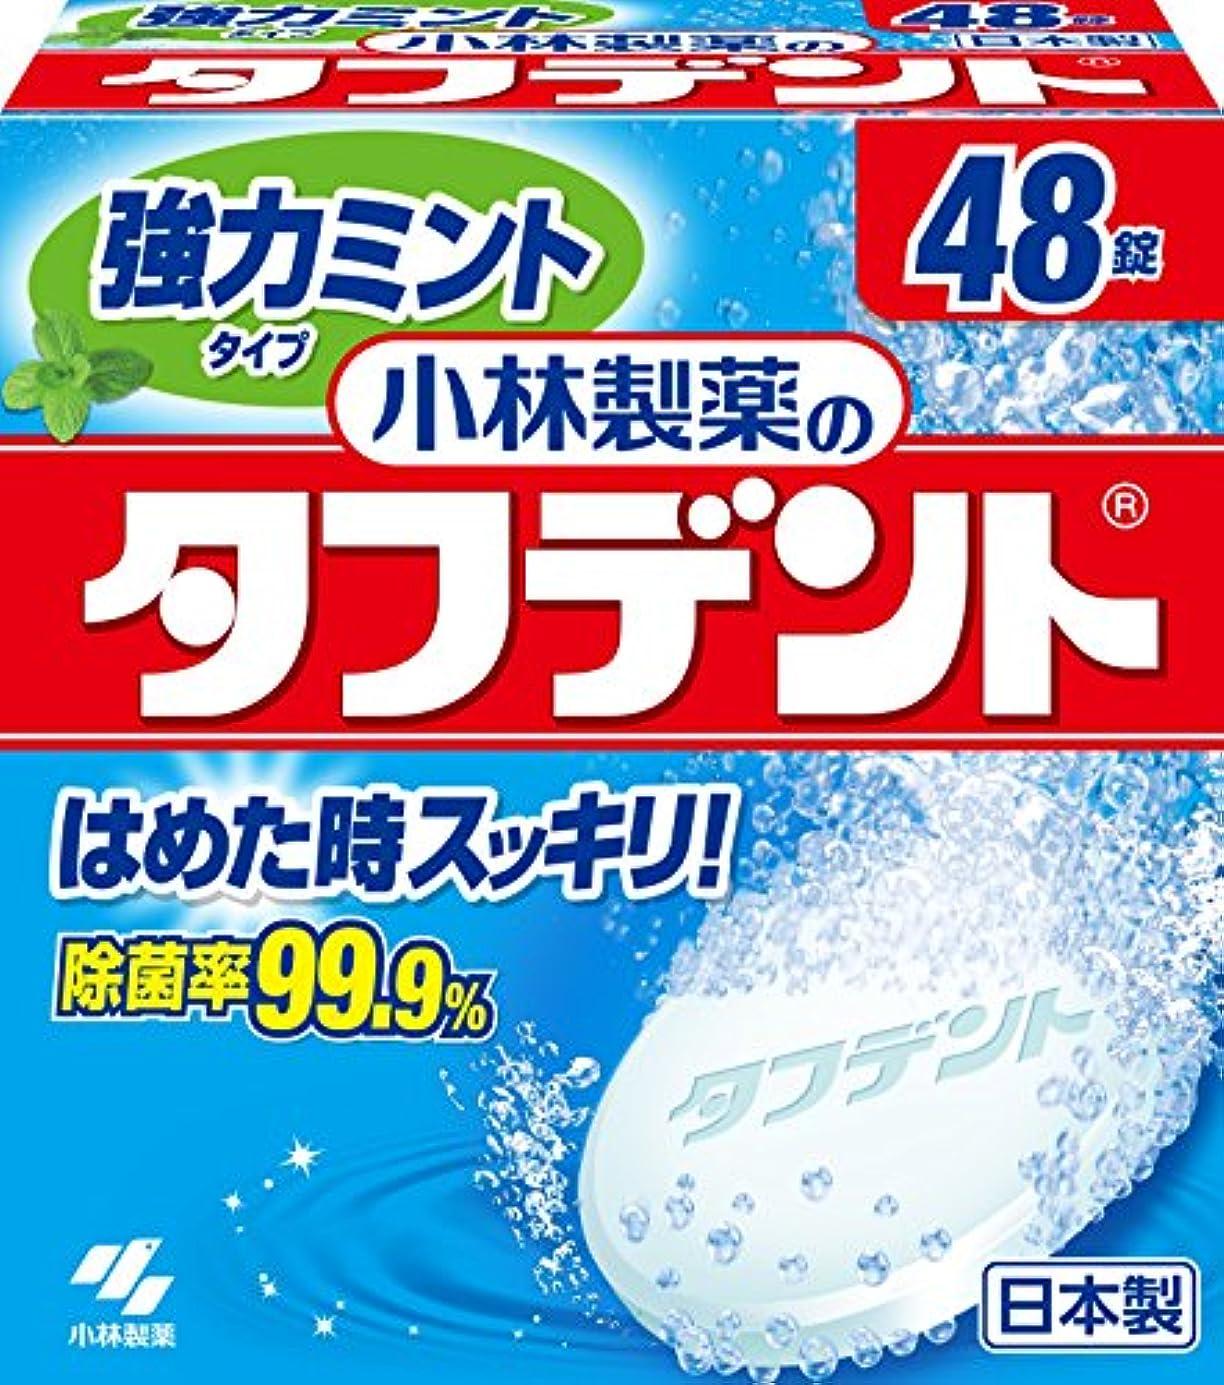 取り消す感覚ブッシュ小林製薬のタフデント強力ミントタイプ 入れ歯用洗浄剤 ミントの香り 48錠